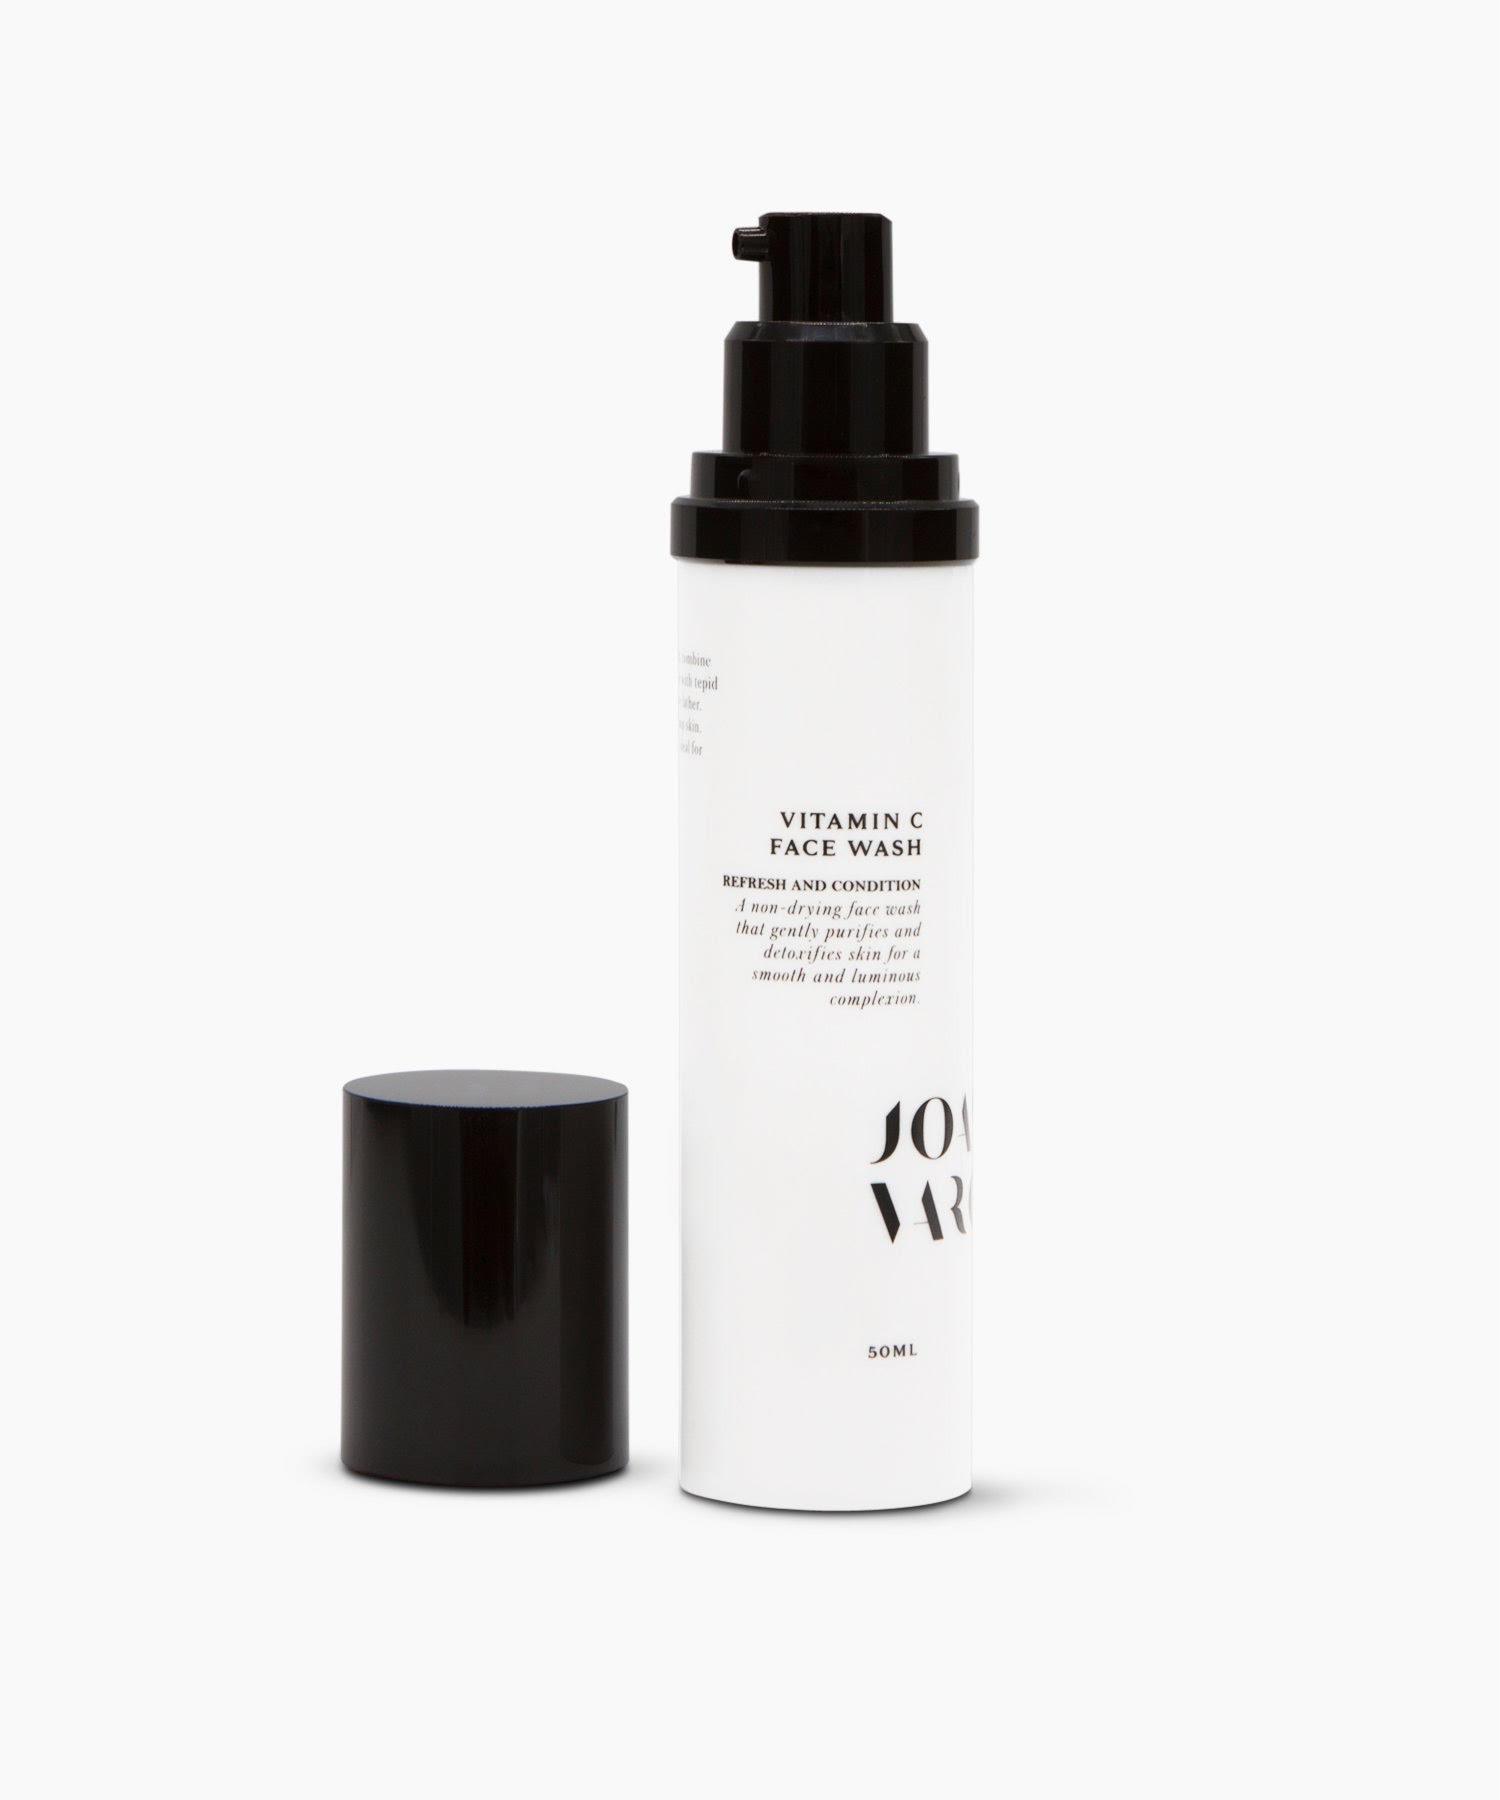 Умывание с витамином С Joanna Vargas (Vitamin C Face Wash)